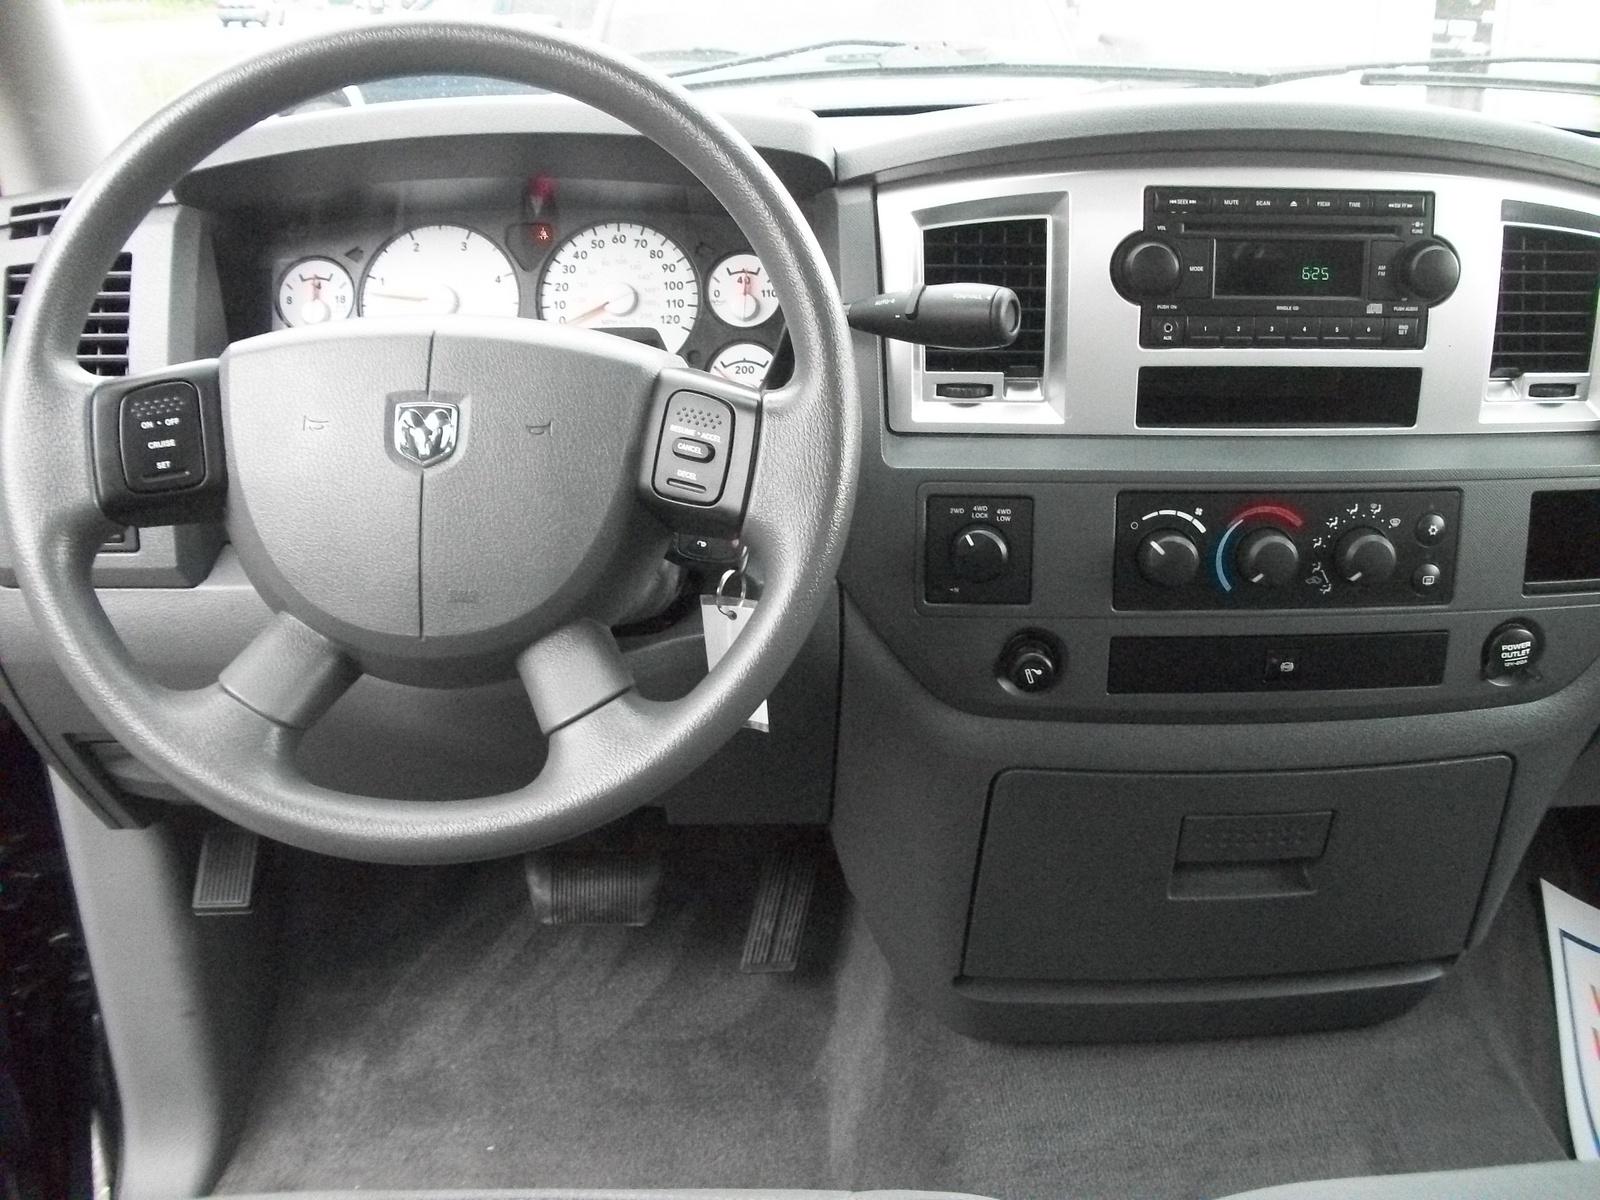 2007 Dodge Ram Pickup 2500 Interior Pictures Cargurus